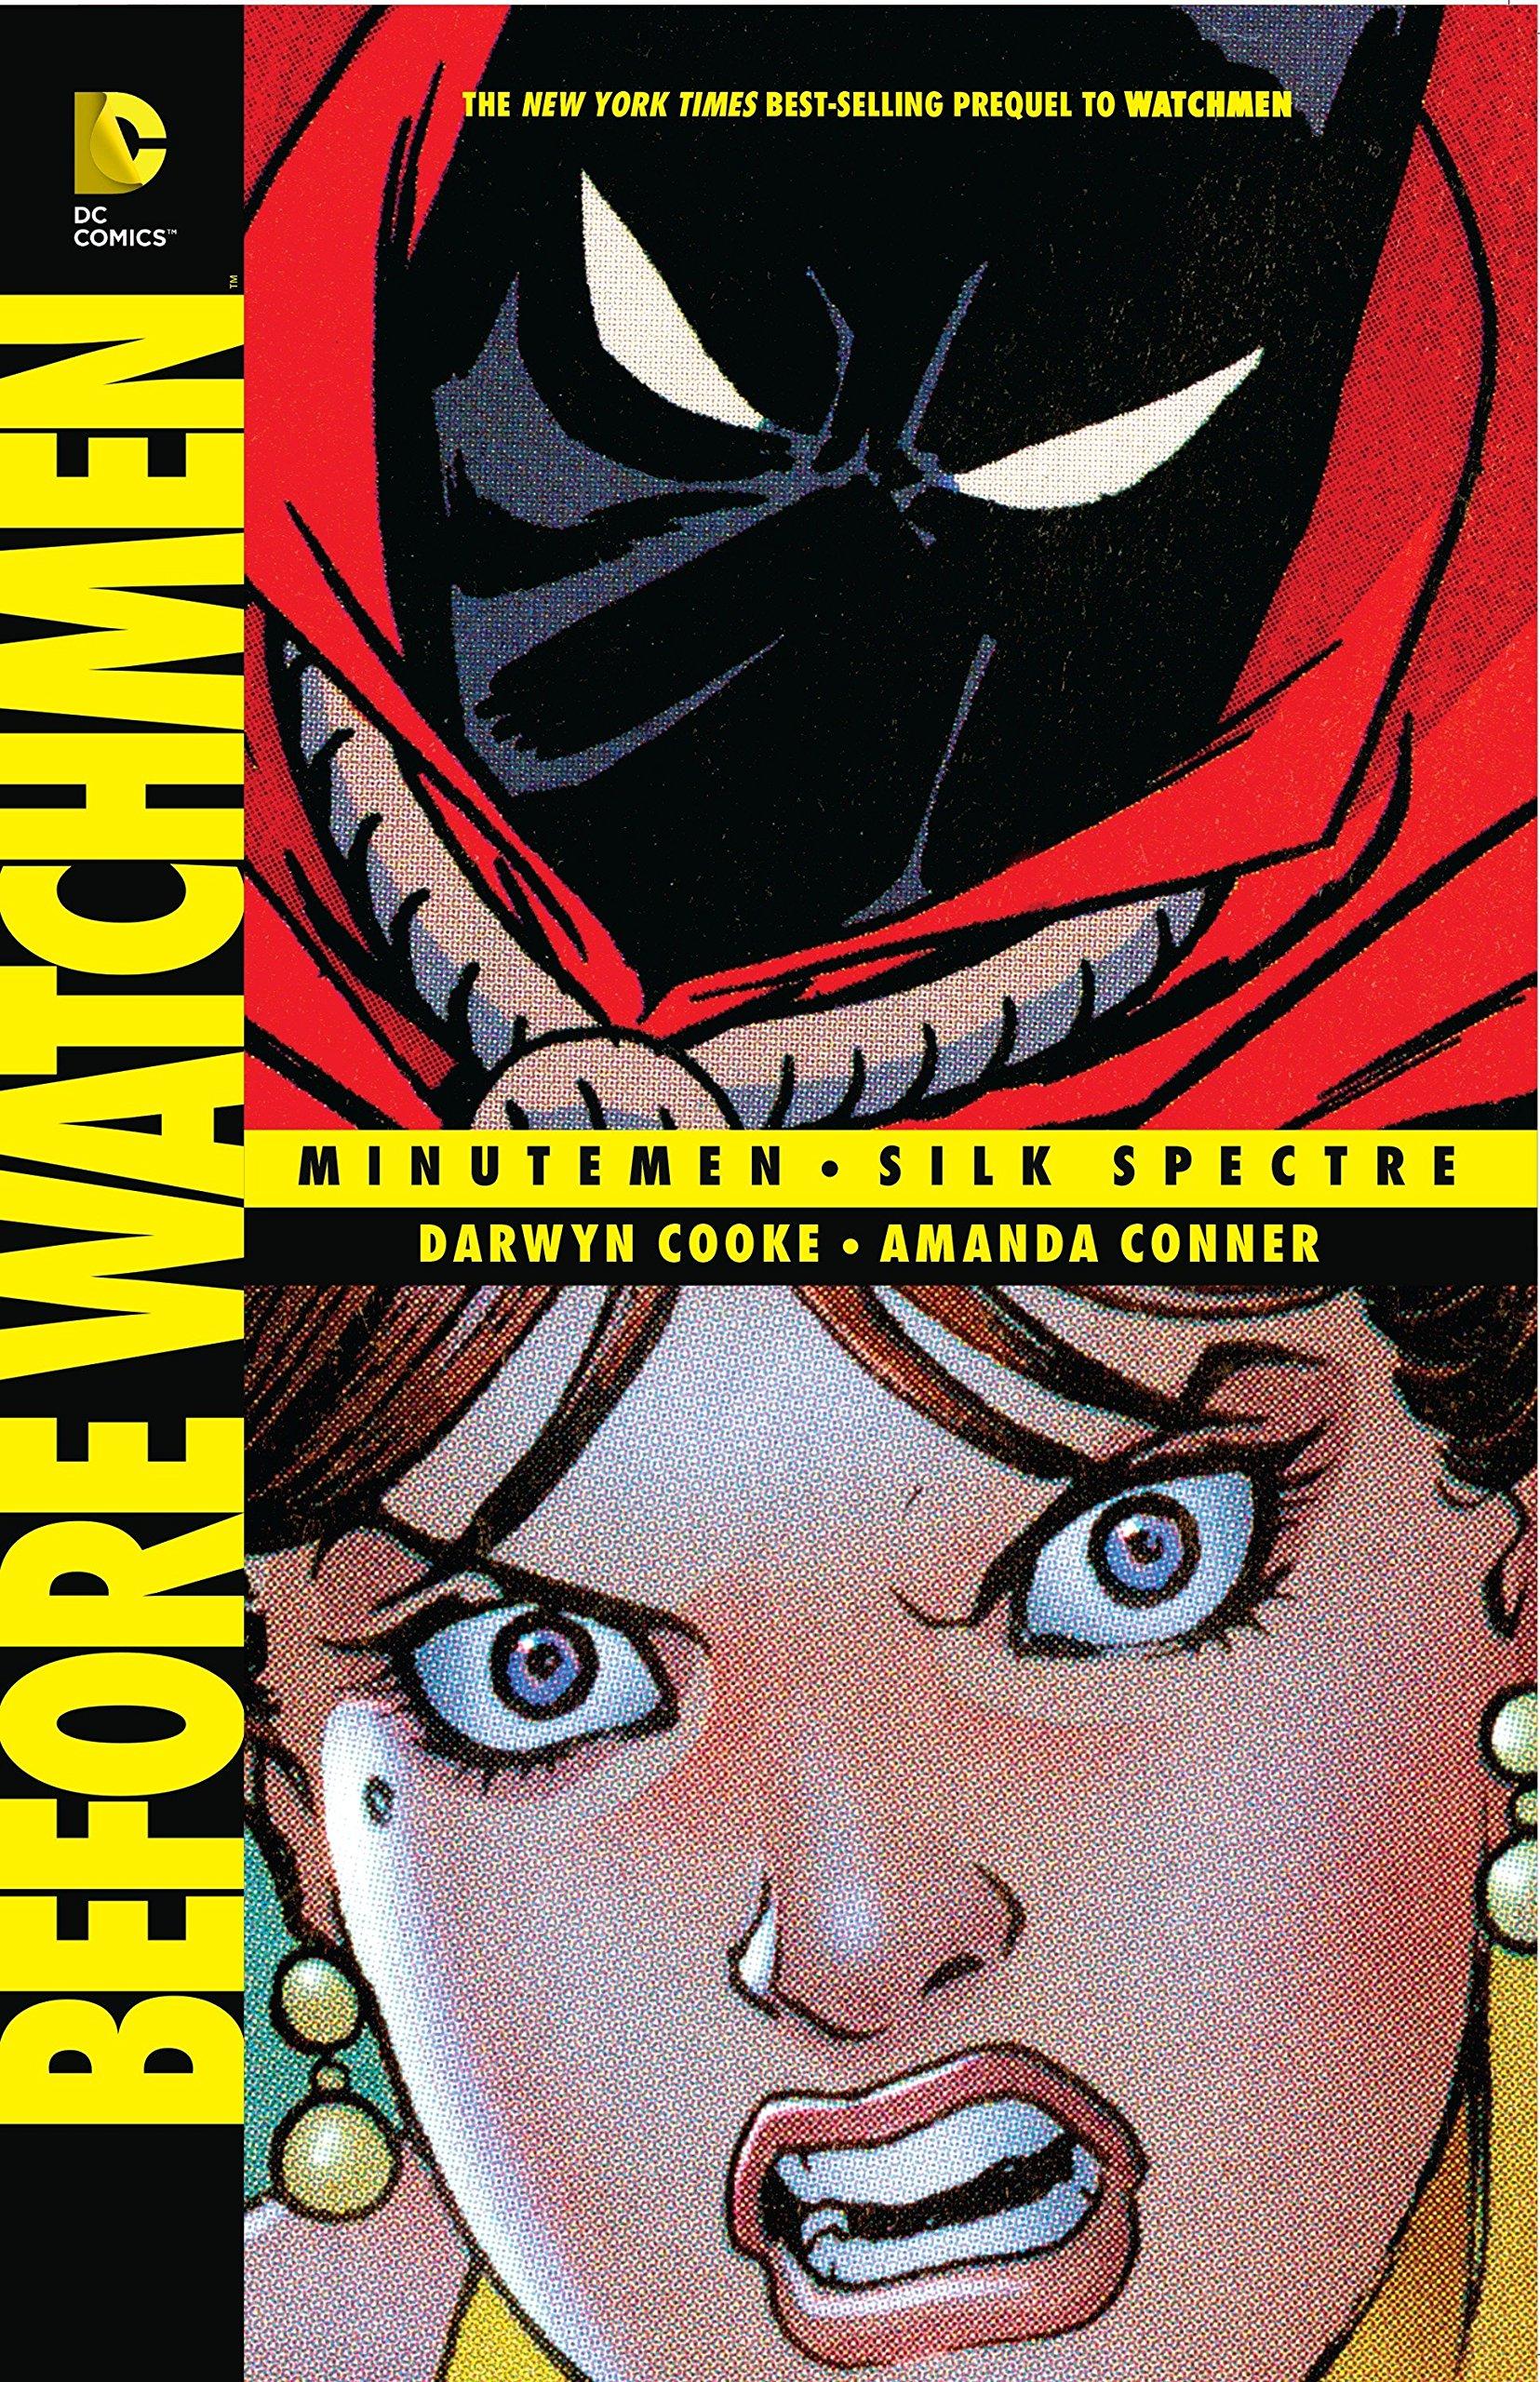 Jak czytać komiksy o Strażnikach w porządku chronologicznym? 1. Before Watchmen: Minutemen/Silk Spectre